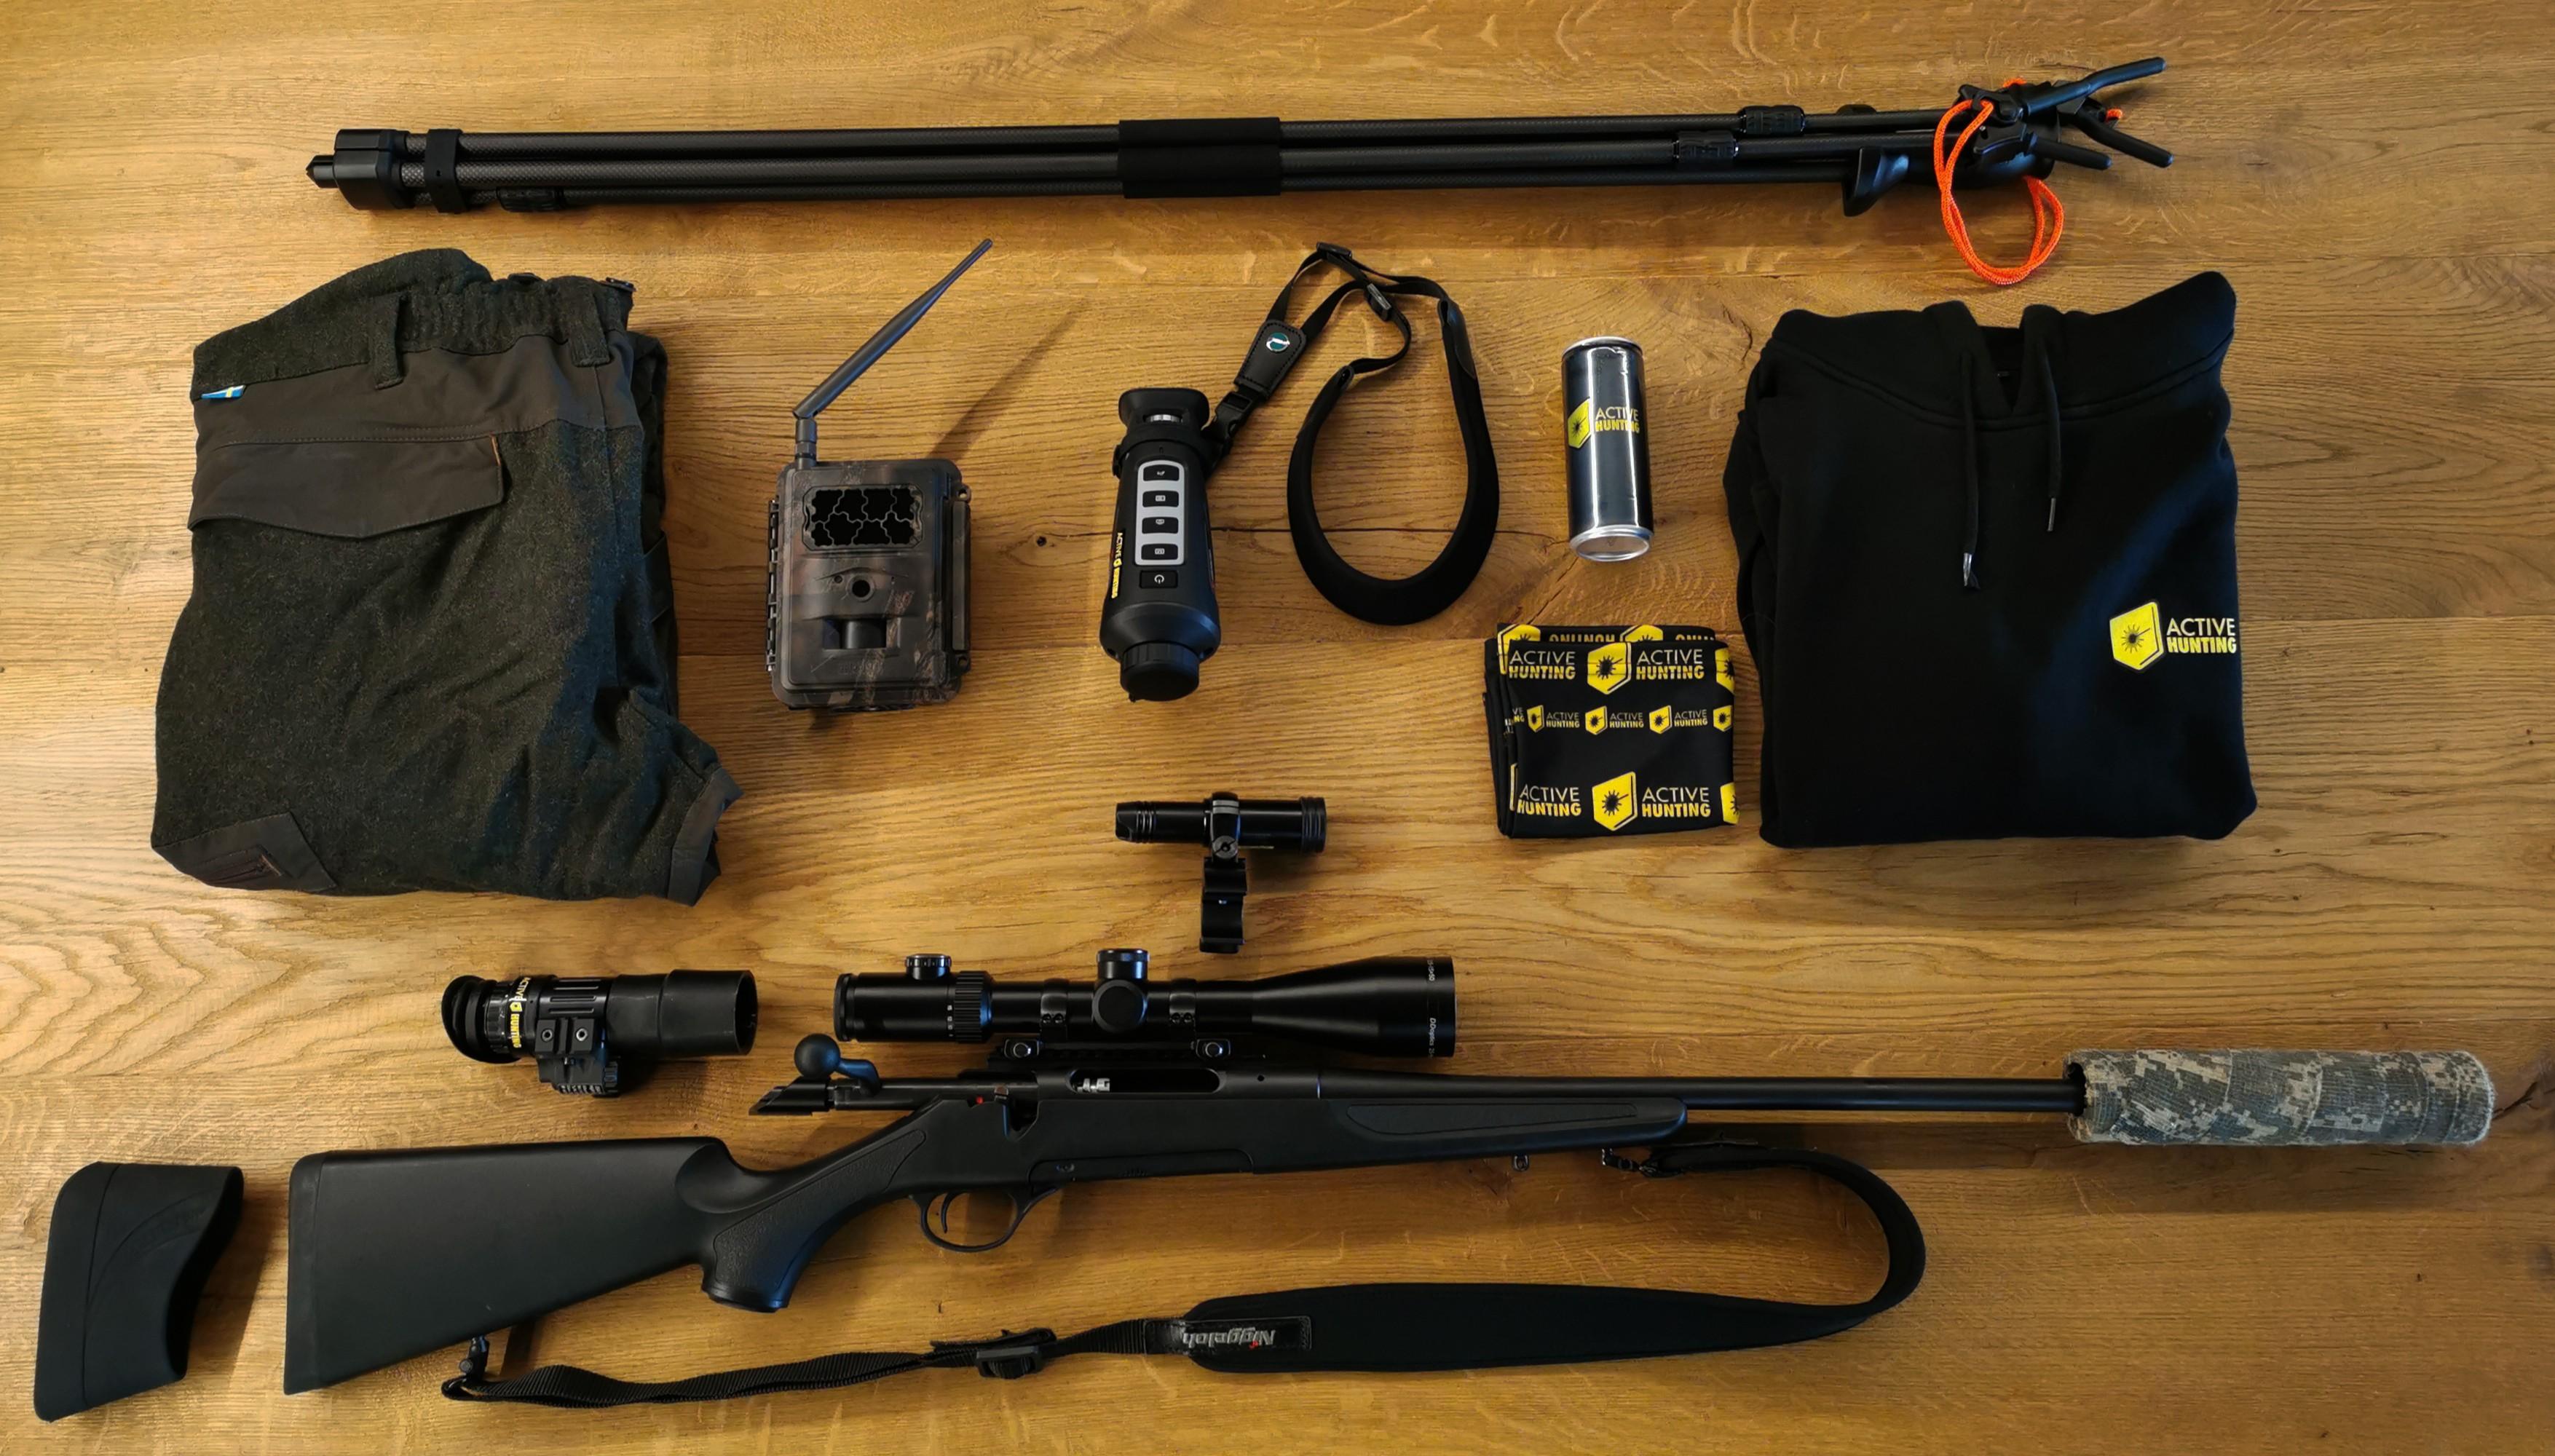 Equipment Sauenpirsch